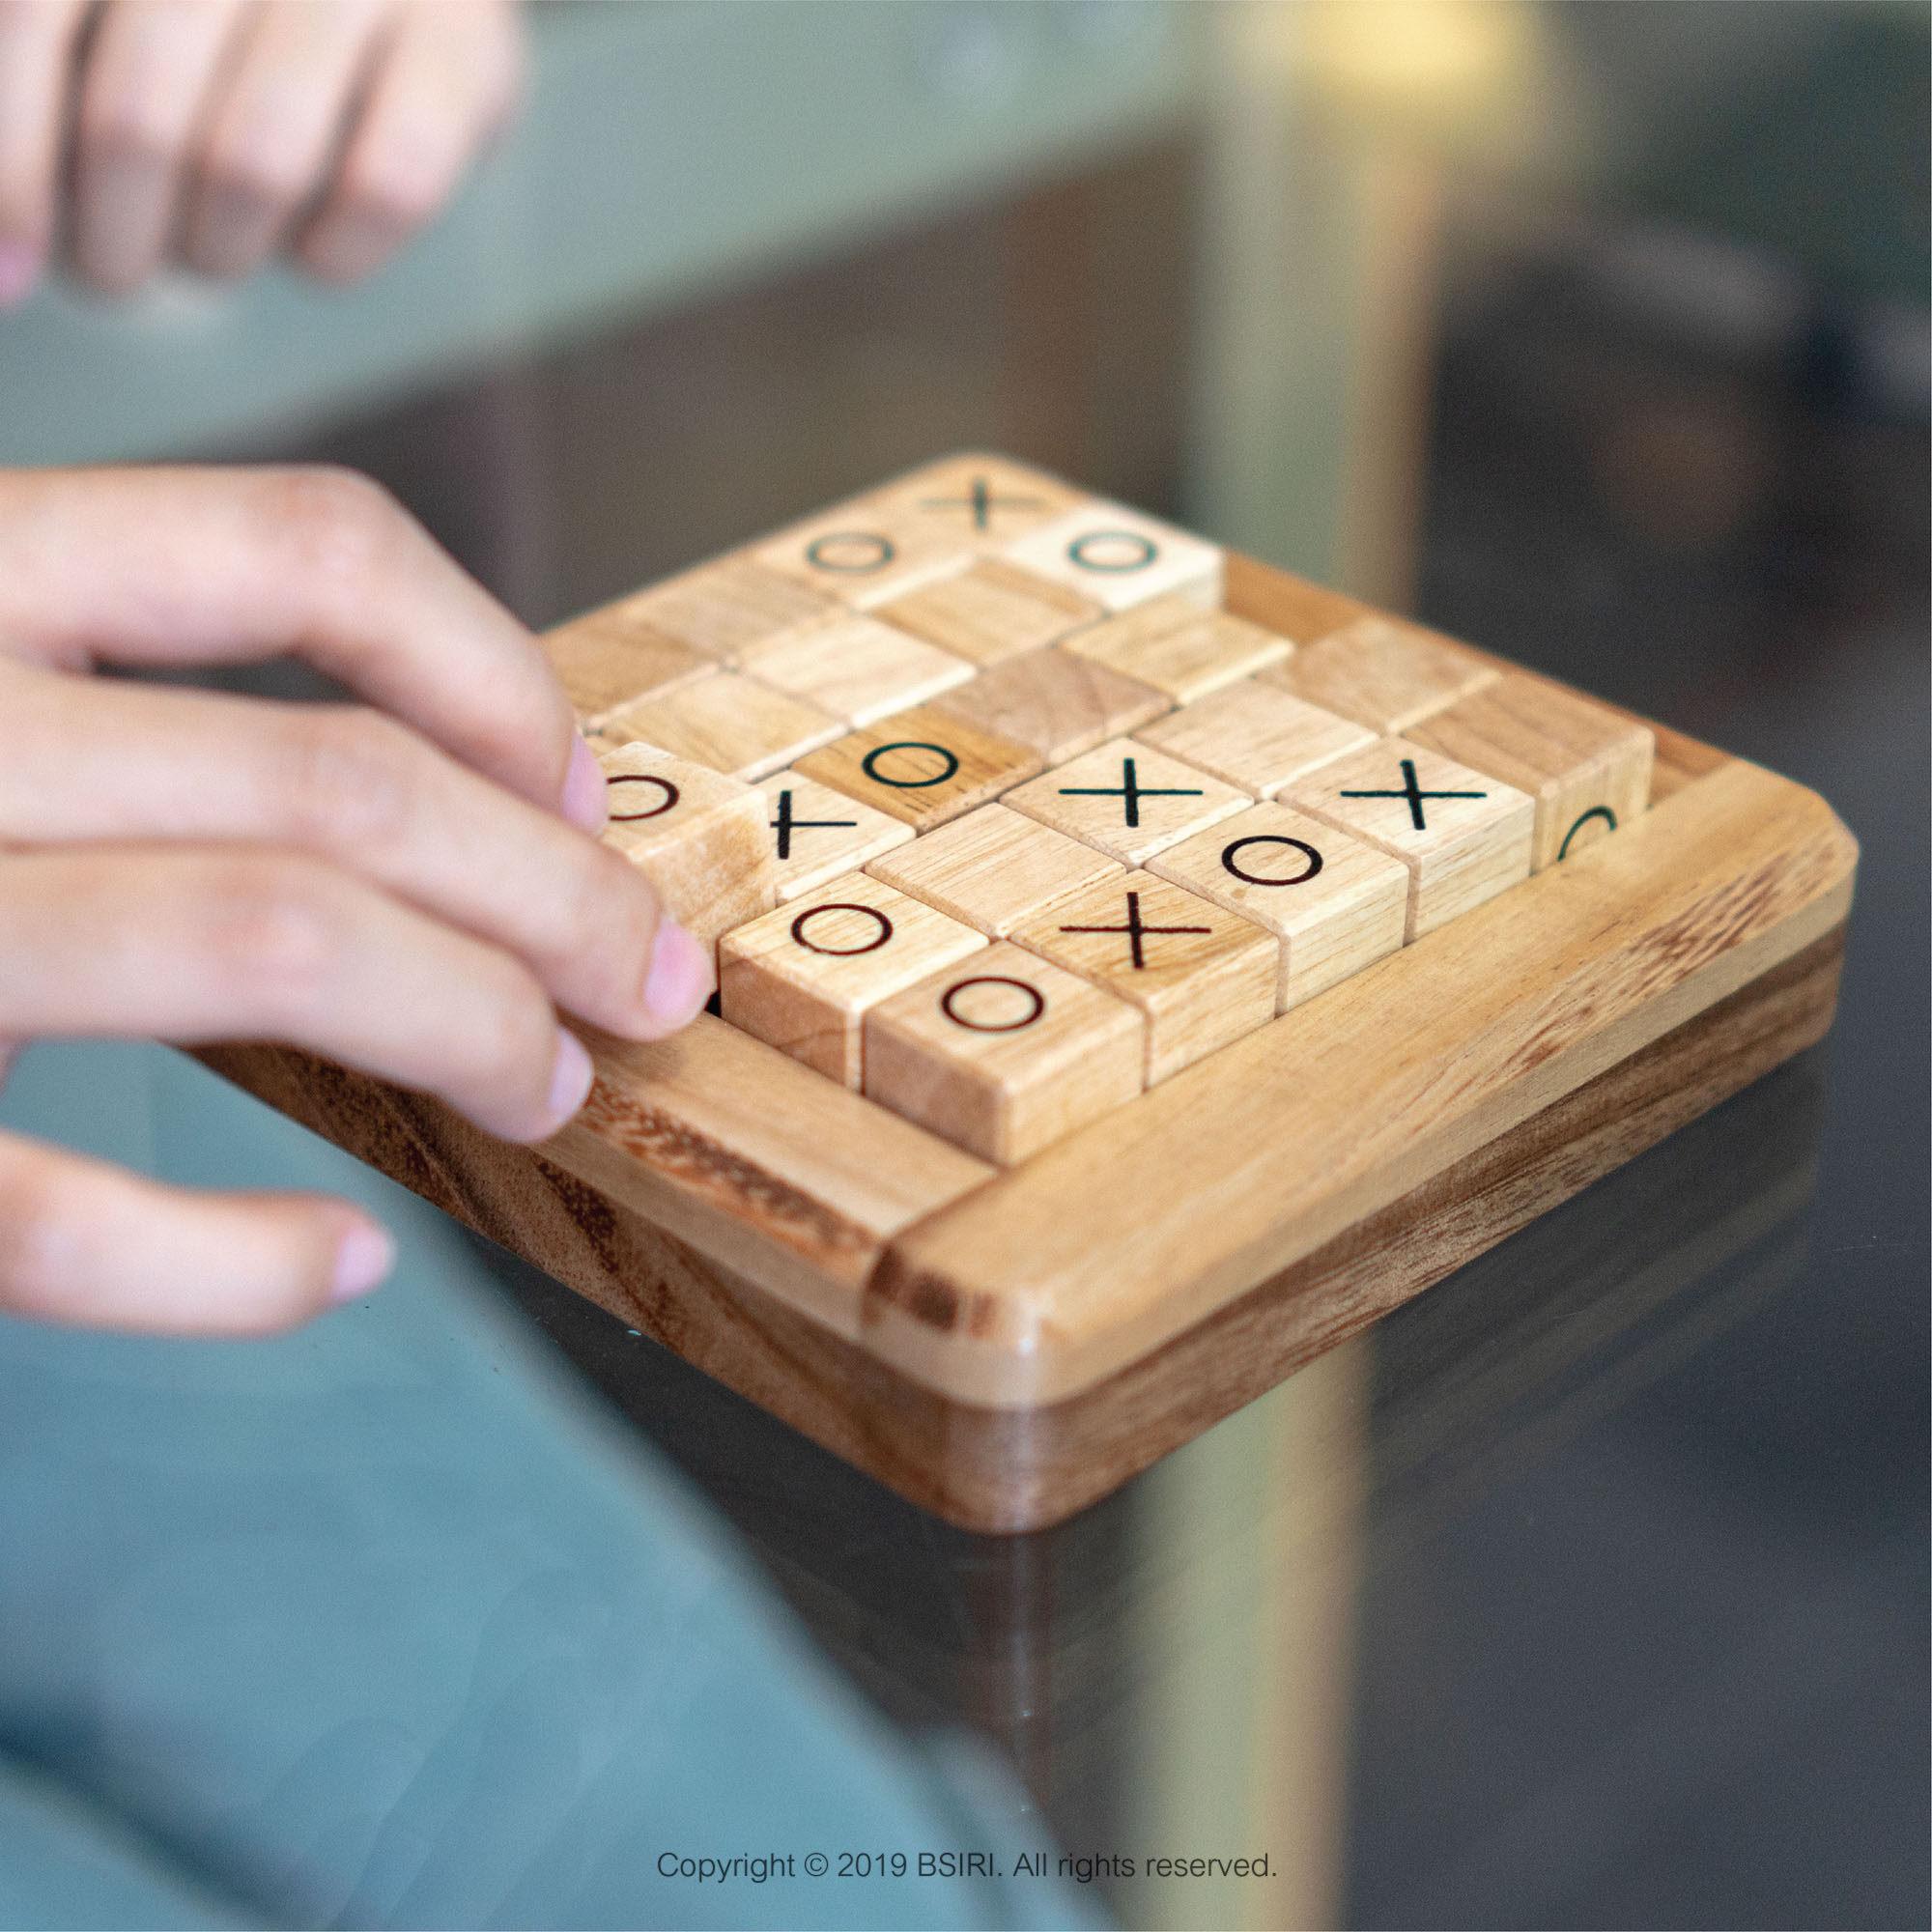 รีวิว เกมไม้ เกมกระดาน การเรียนรู้ เอ็กซ์โอ Pushing Me (5x5 ช่อง) BSIRI เกมส์ไม้บริหารสมอง เกมส์ฝึกทักษะวางกลยุทธ์ เกมกระดานถูกๆ Wooden Board Game